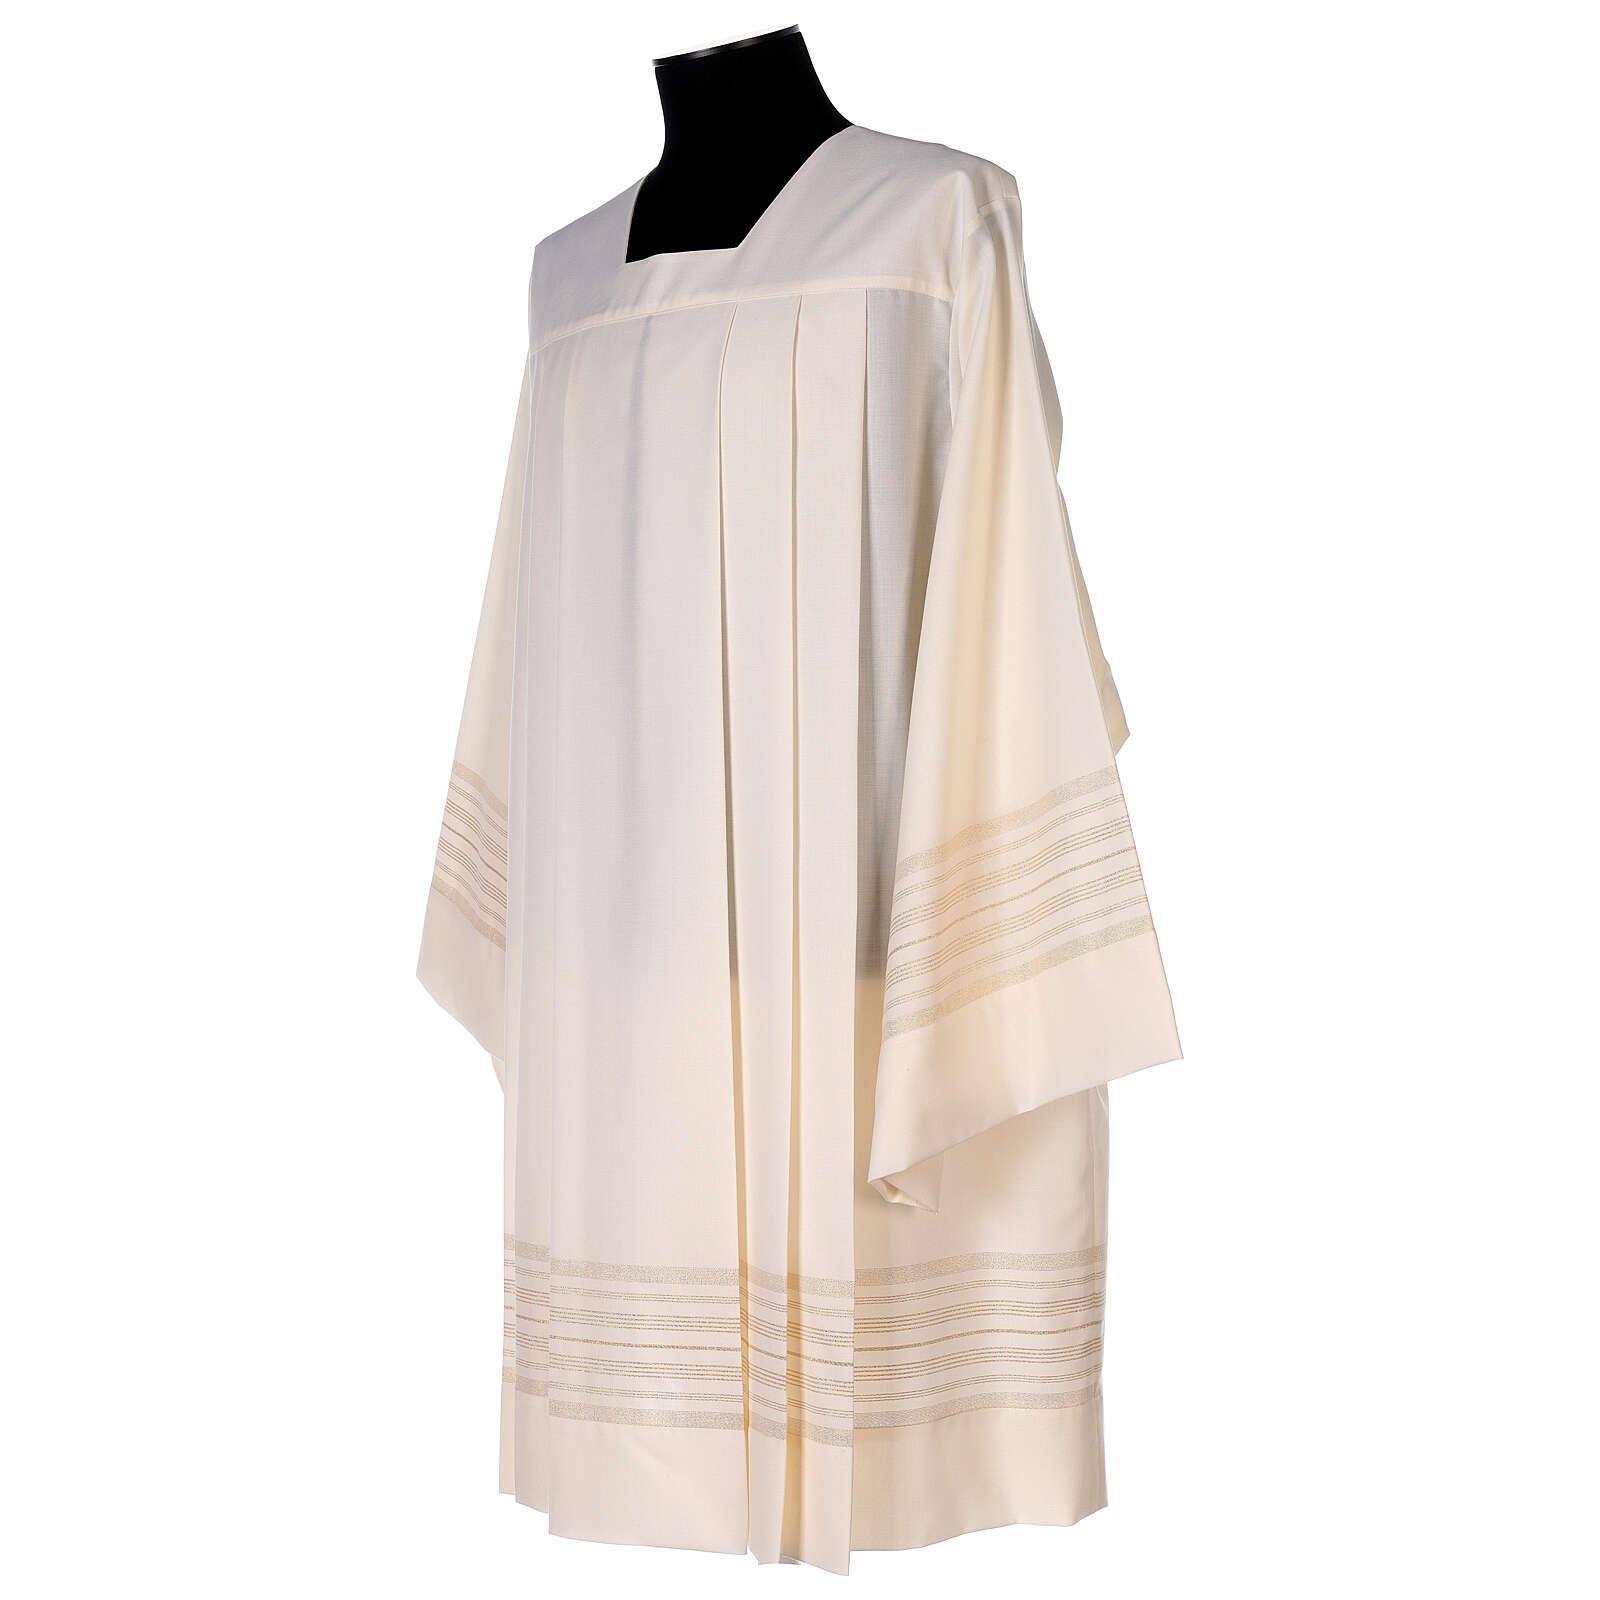 Surplis couleur ivoire 55% polyester 45% laine décorations dorées 4